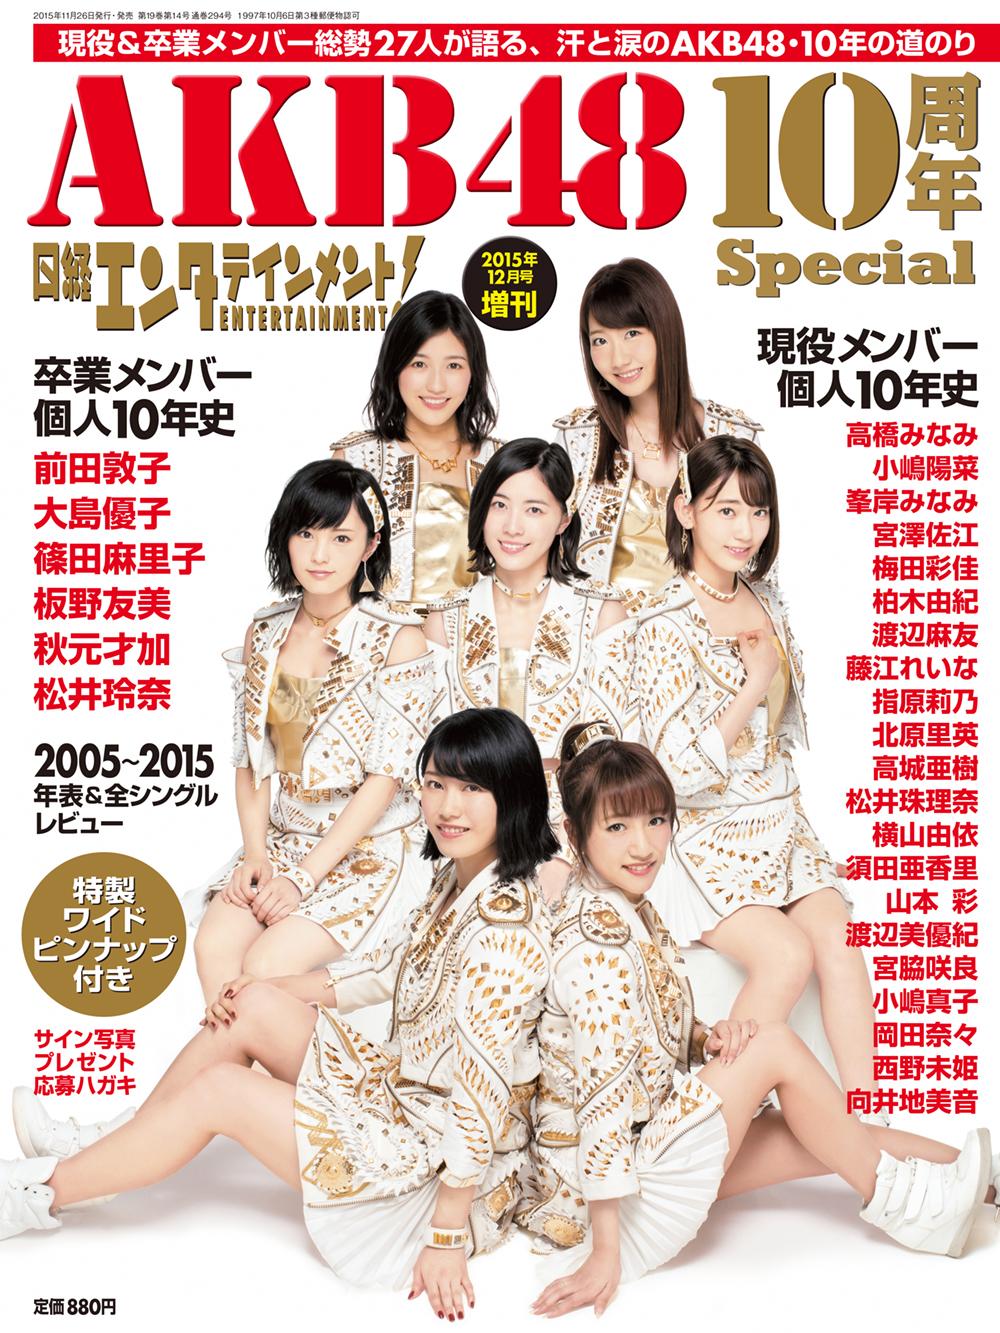 日経エンタテインメント!2015年12月号臨時増刊 AKB48 10周年SPECIAL